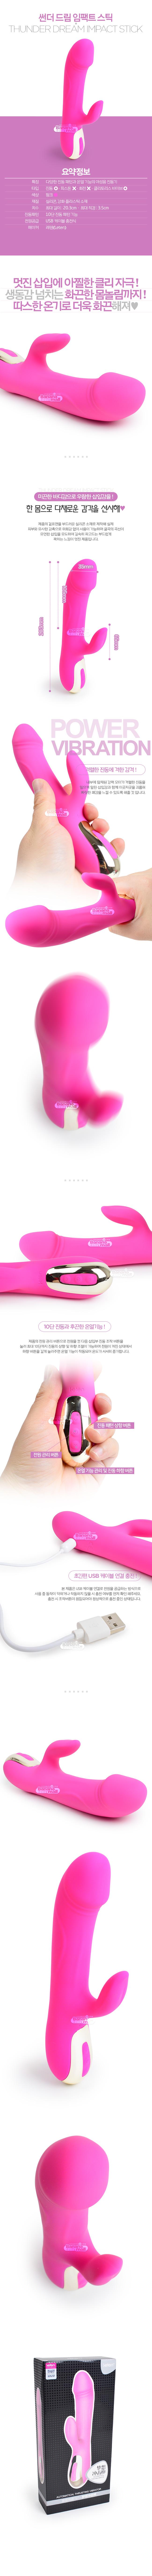 [10단 진동] 썬더 드림 임팩트 스틱(Thunder Dream Impact Stick)